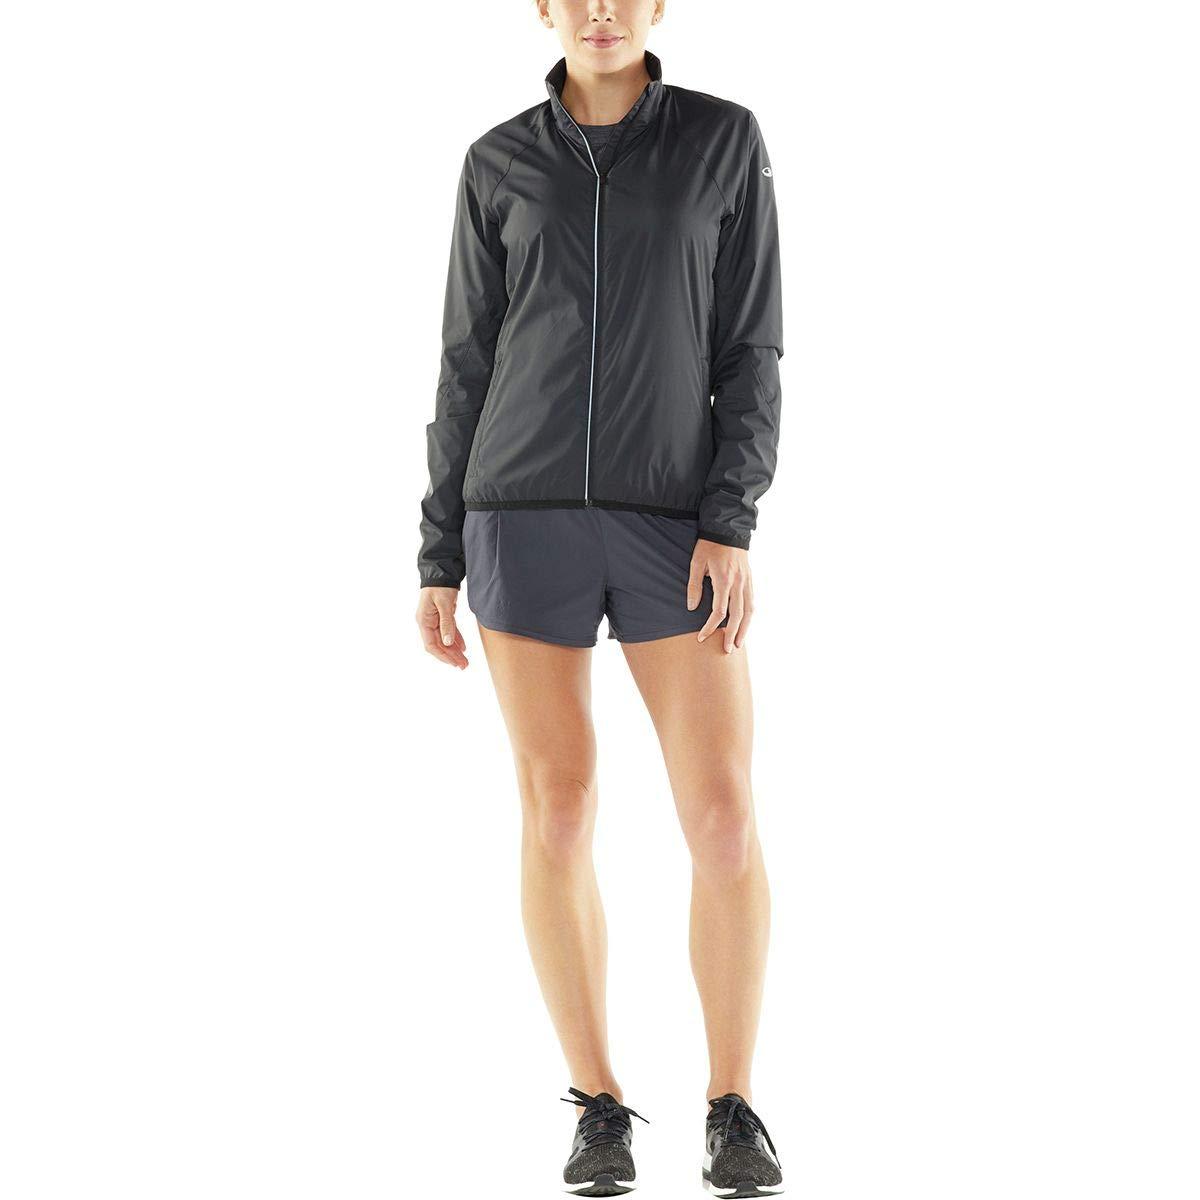 [アイスブレーカー] レディース カジュアルパンツ Impulse レディース Short Running Short Impulse [並行輸入品] B07P41PFY5 M, 南砺市:bb68116b --- ero-shop-kupidon.ru